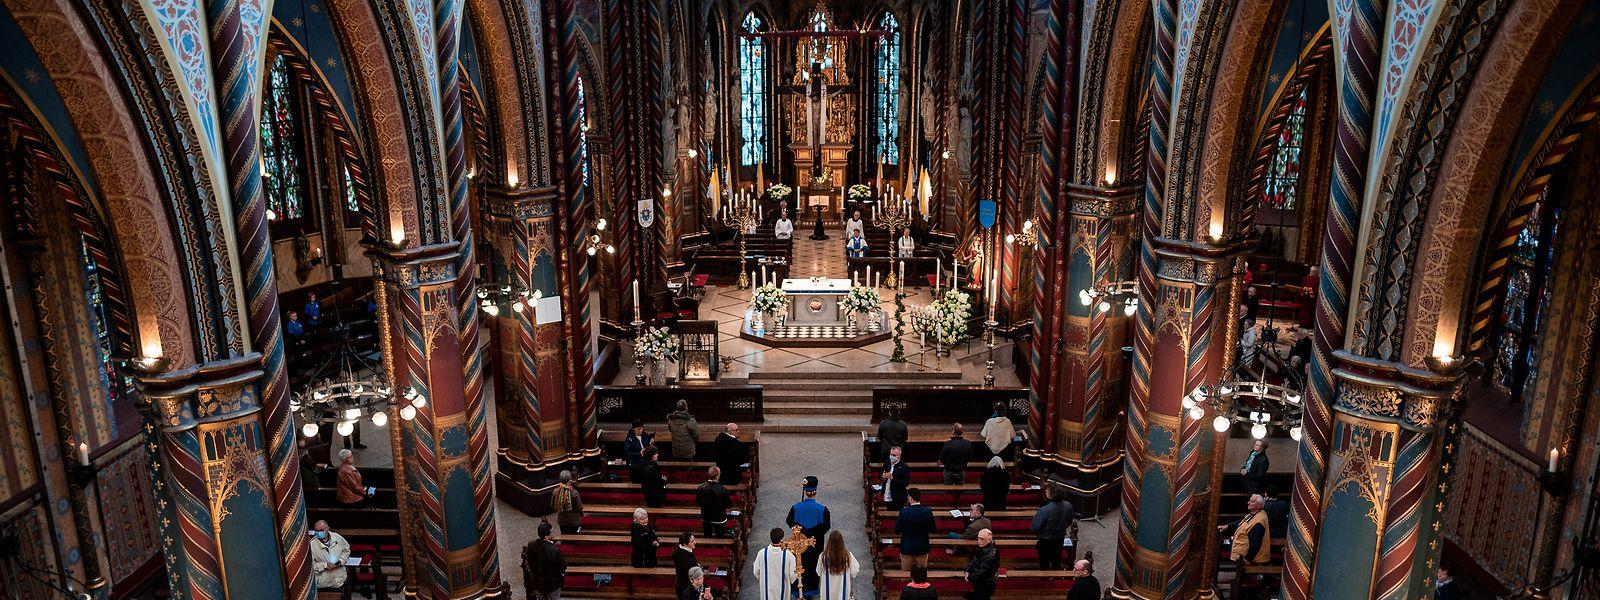 Georg Bätzing, Bischof von Limburg und Vorsitzender der Deutschen Bischofskonferenz, hat am 1. Mai die Pilgerzeit in Kevelaer eröffnet. Es war der erste Gottesdienst mit physischer Präsenz der Gläubigen nach siebenwöchiger Corona-Pause.